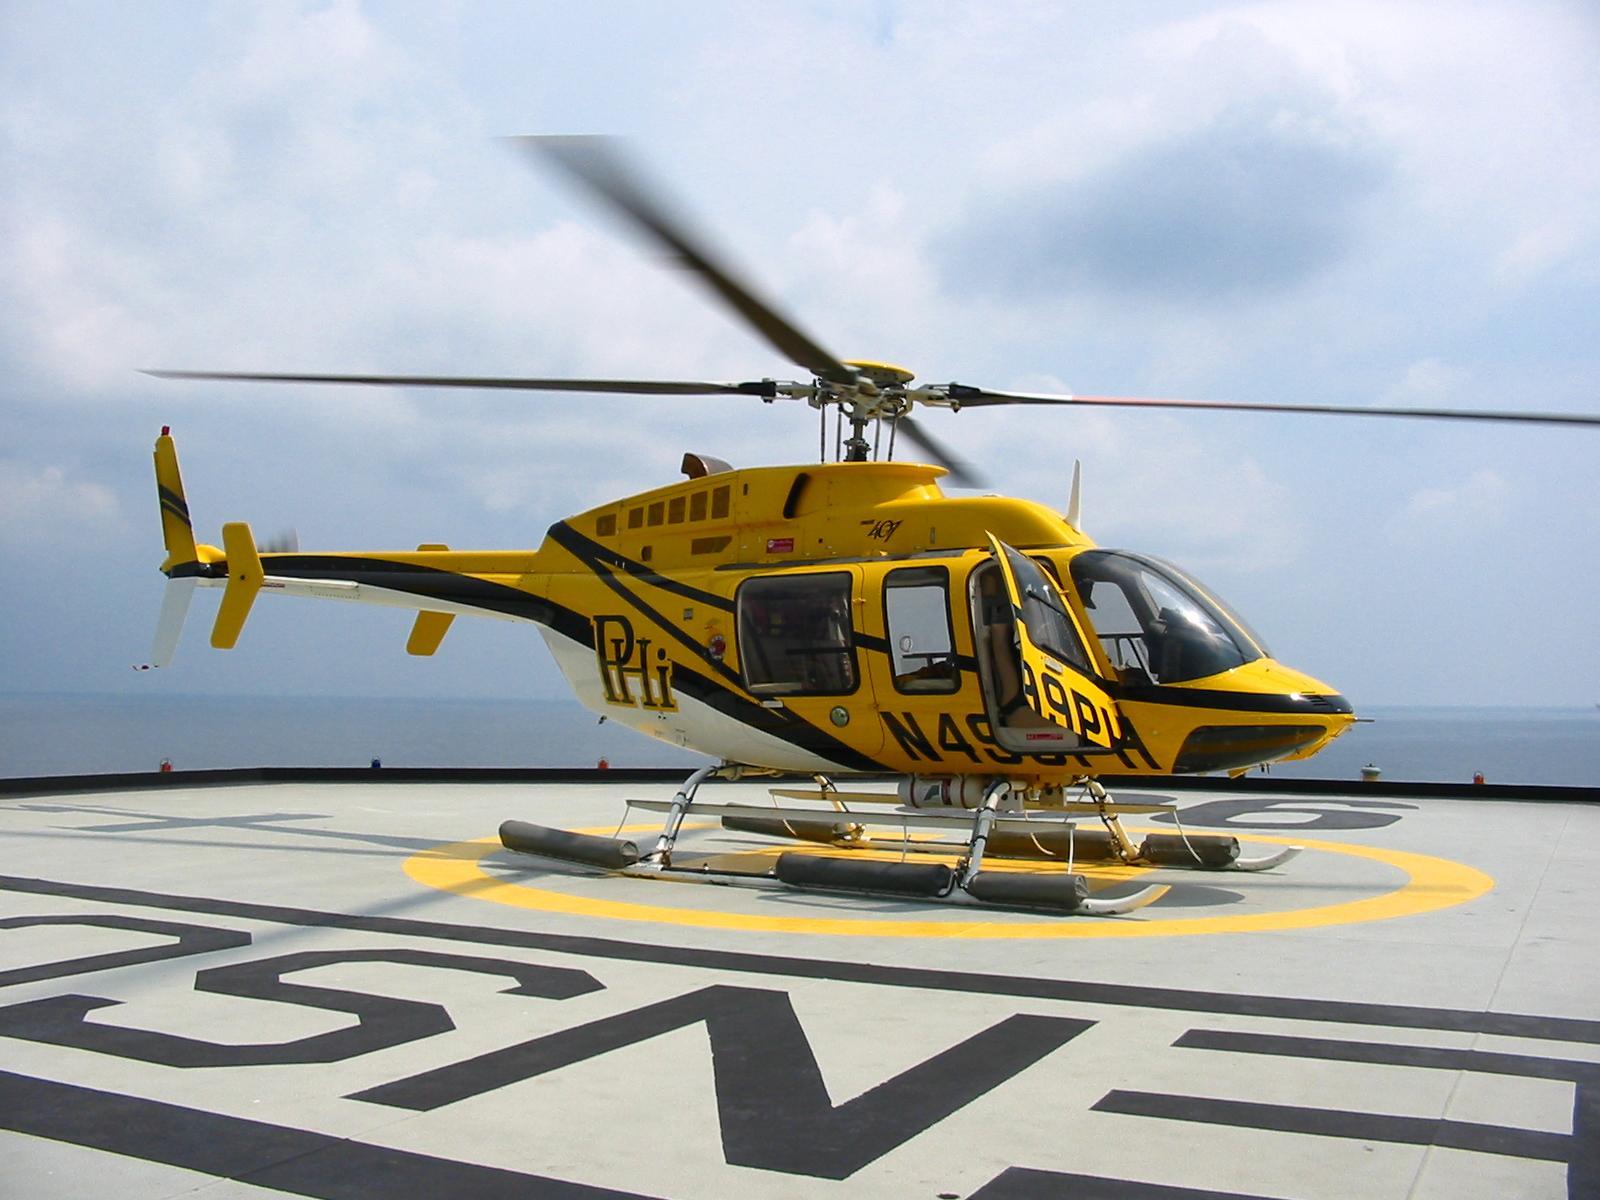 30 Foto Pesawat Tempur Dan Helikopter Keren Wisata Alam Indonesia